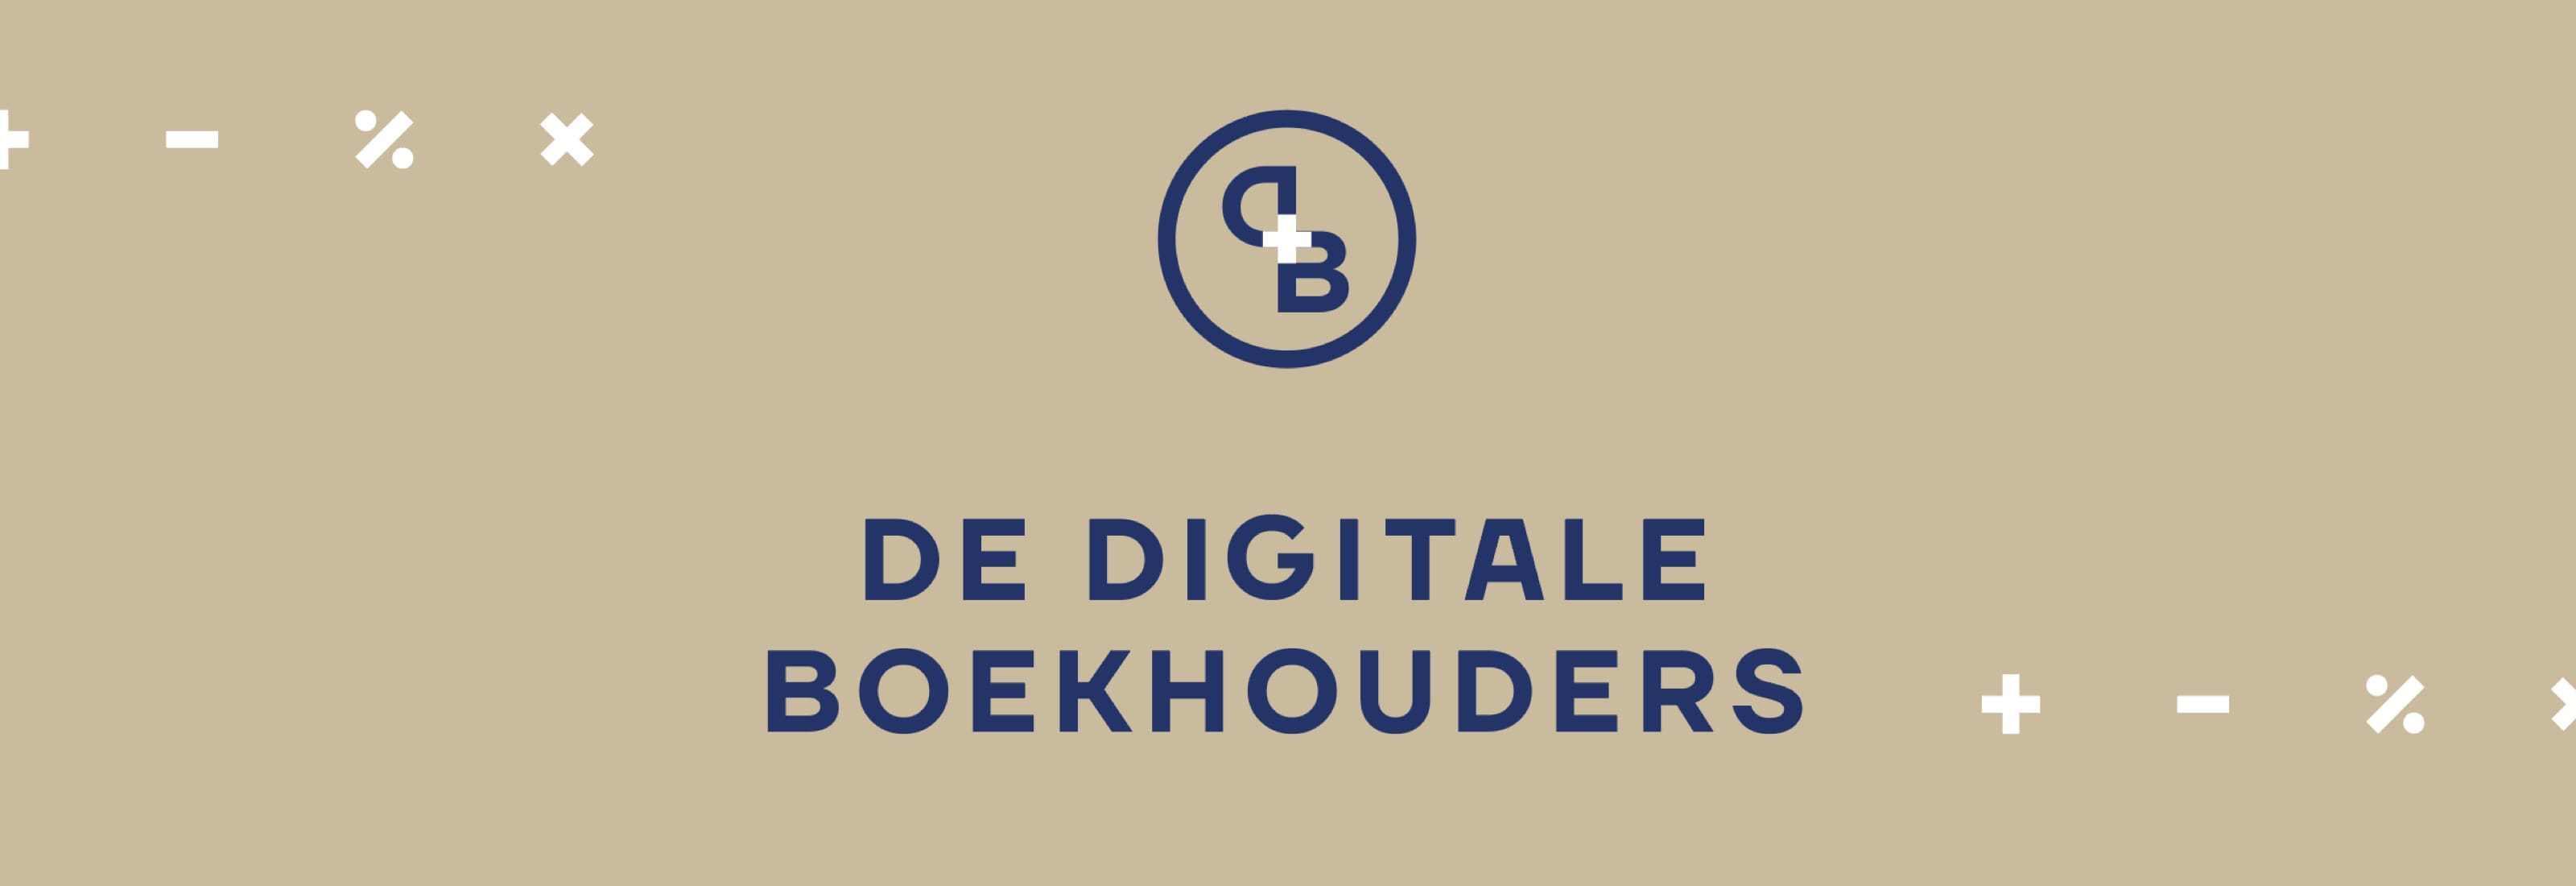 De Digitale Boekhouders - Administratiekantoor in Enschede